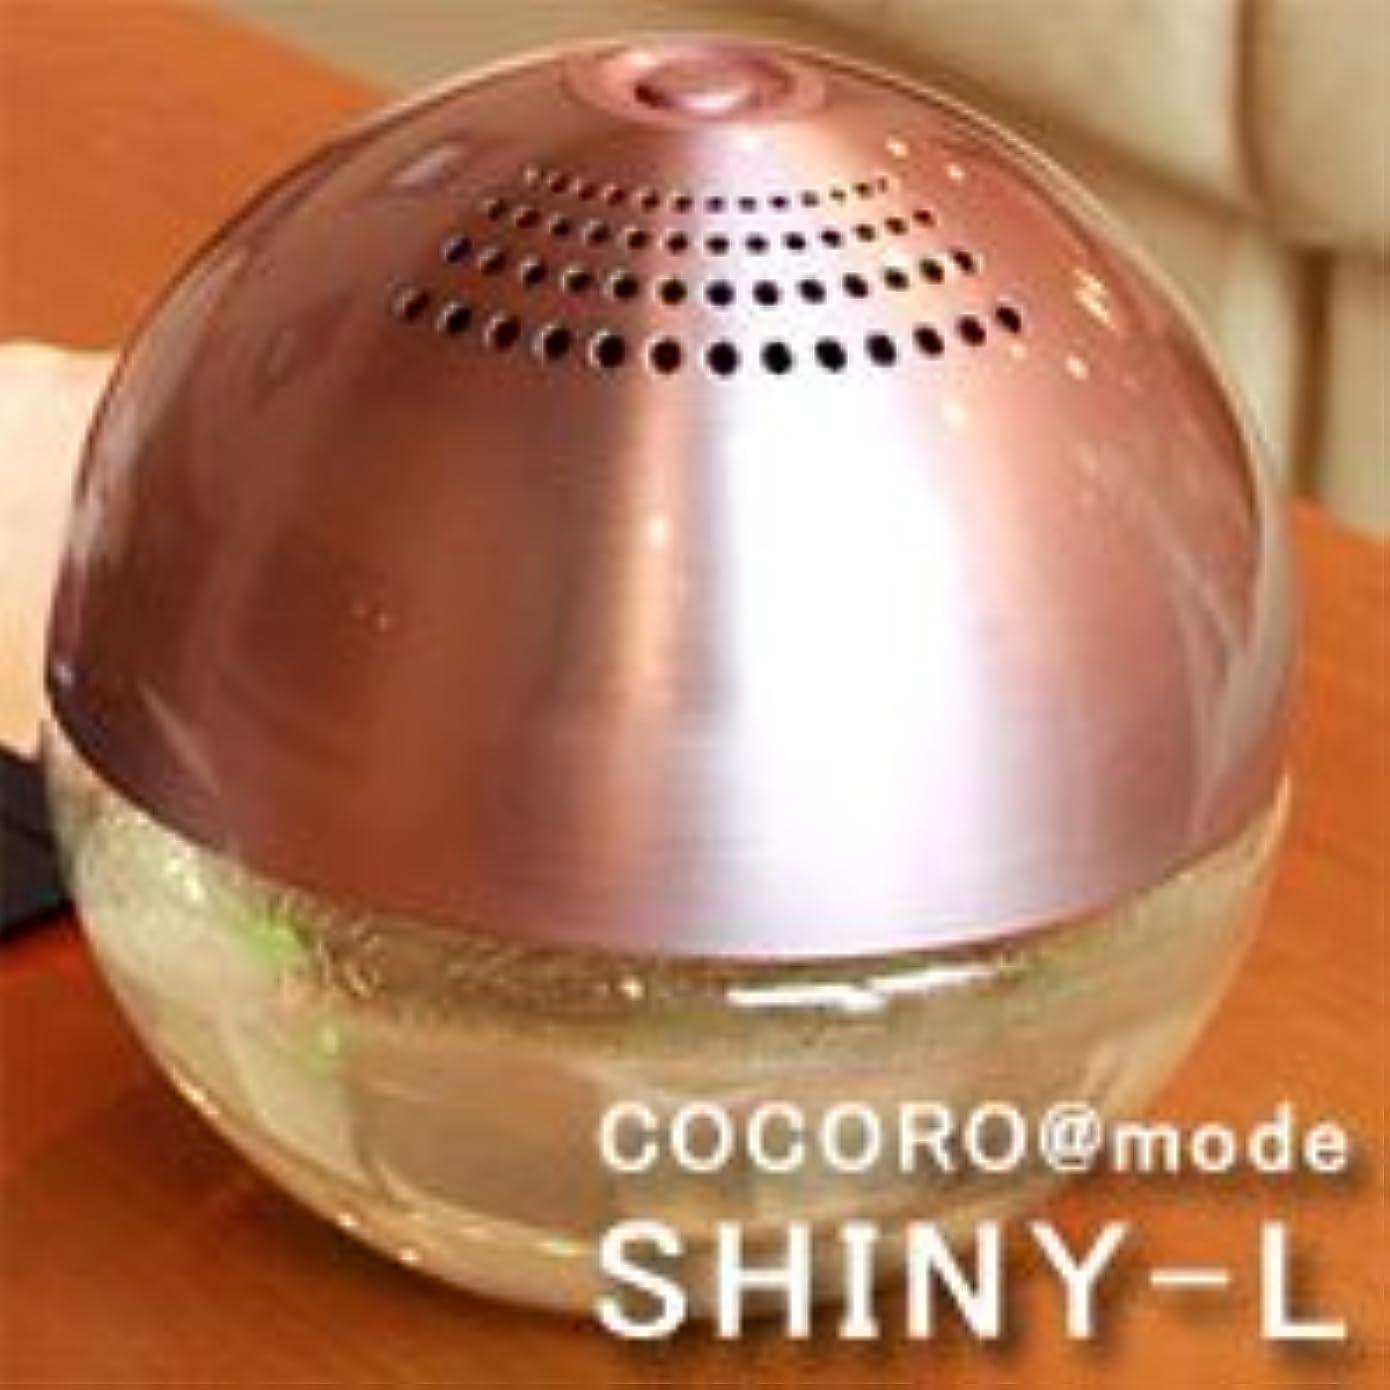 ルークライストチャーチ古くなったCOCORO mode(ココロモード) 空気清浄機 シャイミー(旧名シャイニー) Lサイズ 約19×20×20cm (アロマソリューション10ml×3本付) ゴールド